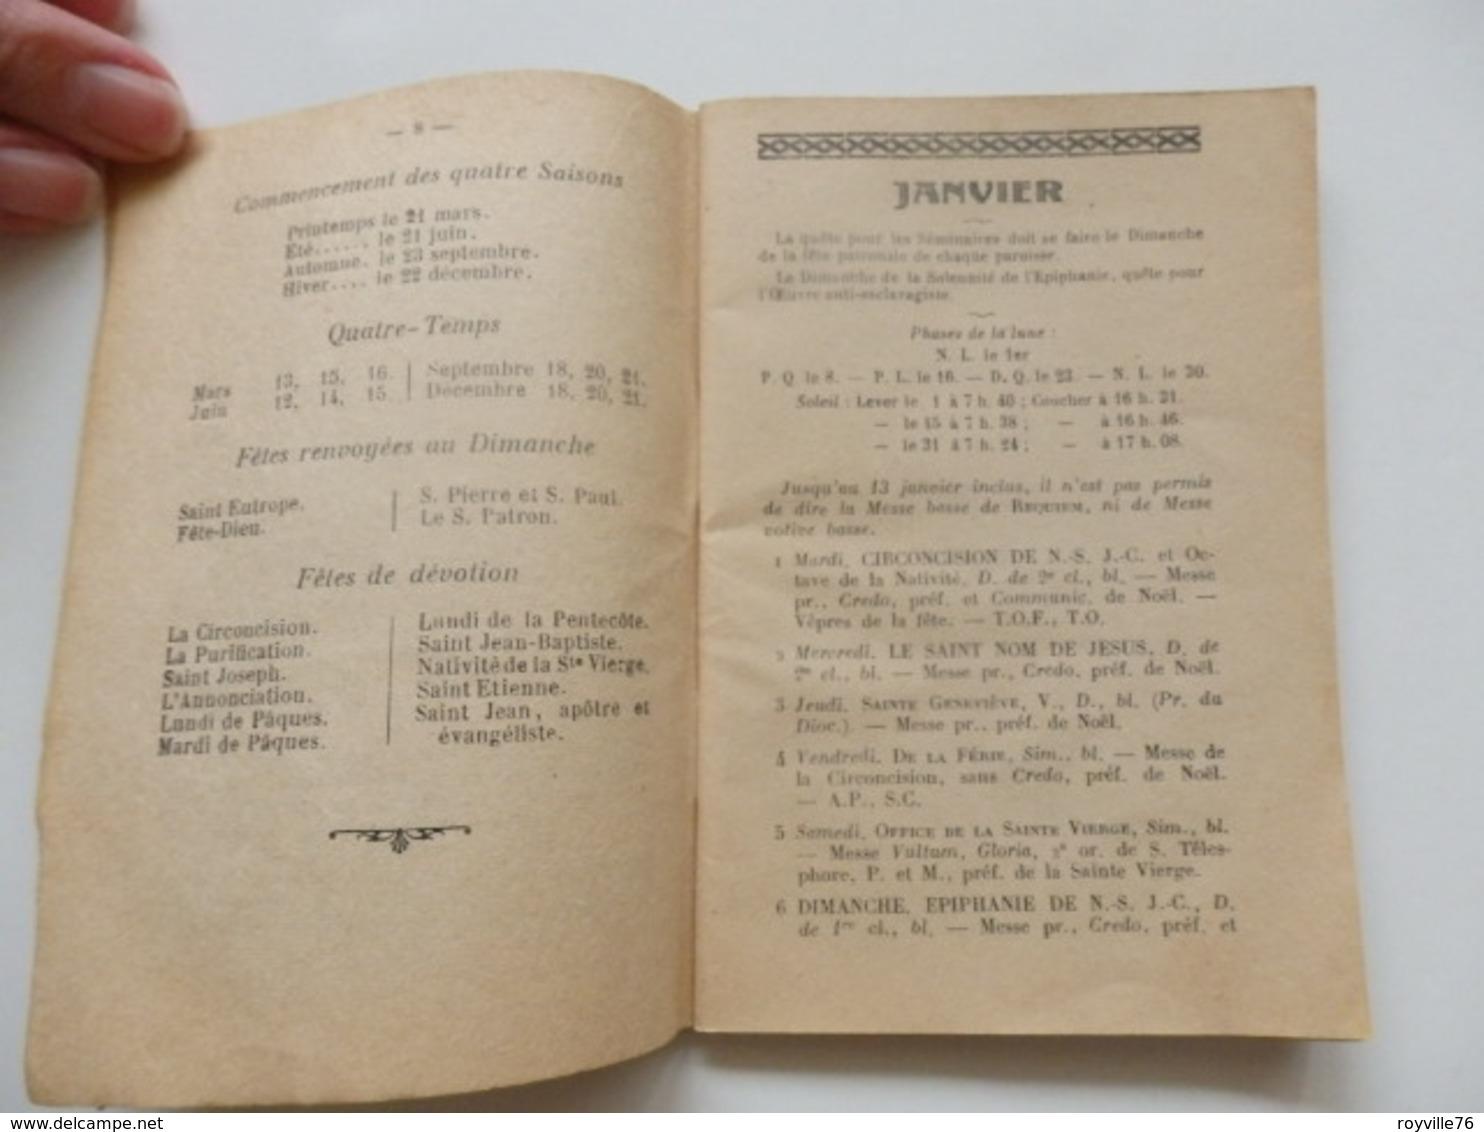 Almanach Paroissial De 1957 Contenant L'ordre Des Offices De Tous Les Jours De La Rochelle 17. 64 Pages. - Religion & Esotericism